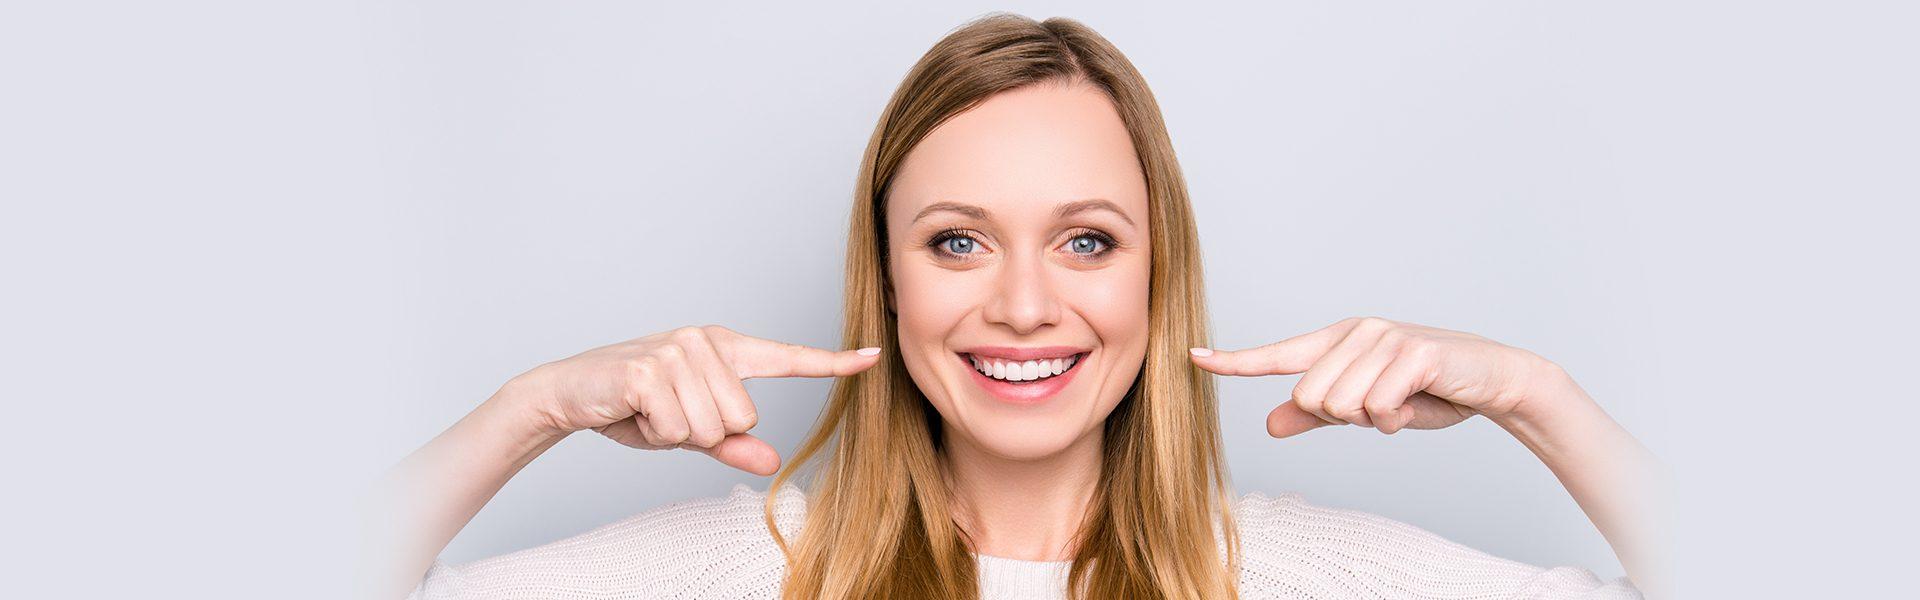 Dental Bridges: An Effective Way of Replacing Missing Teeth